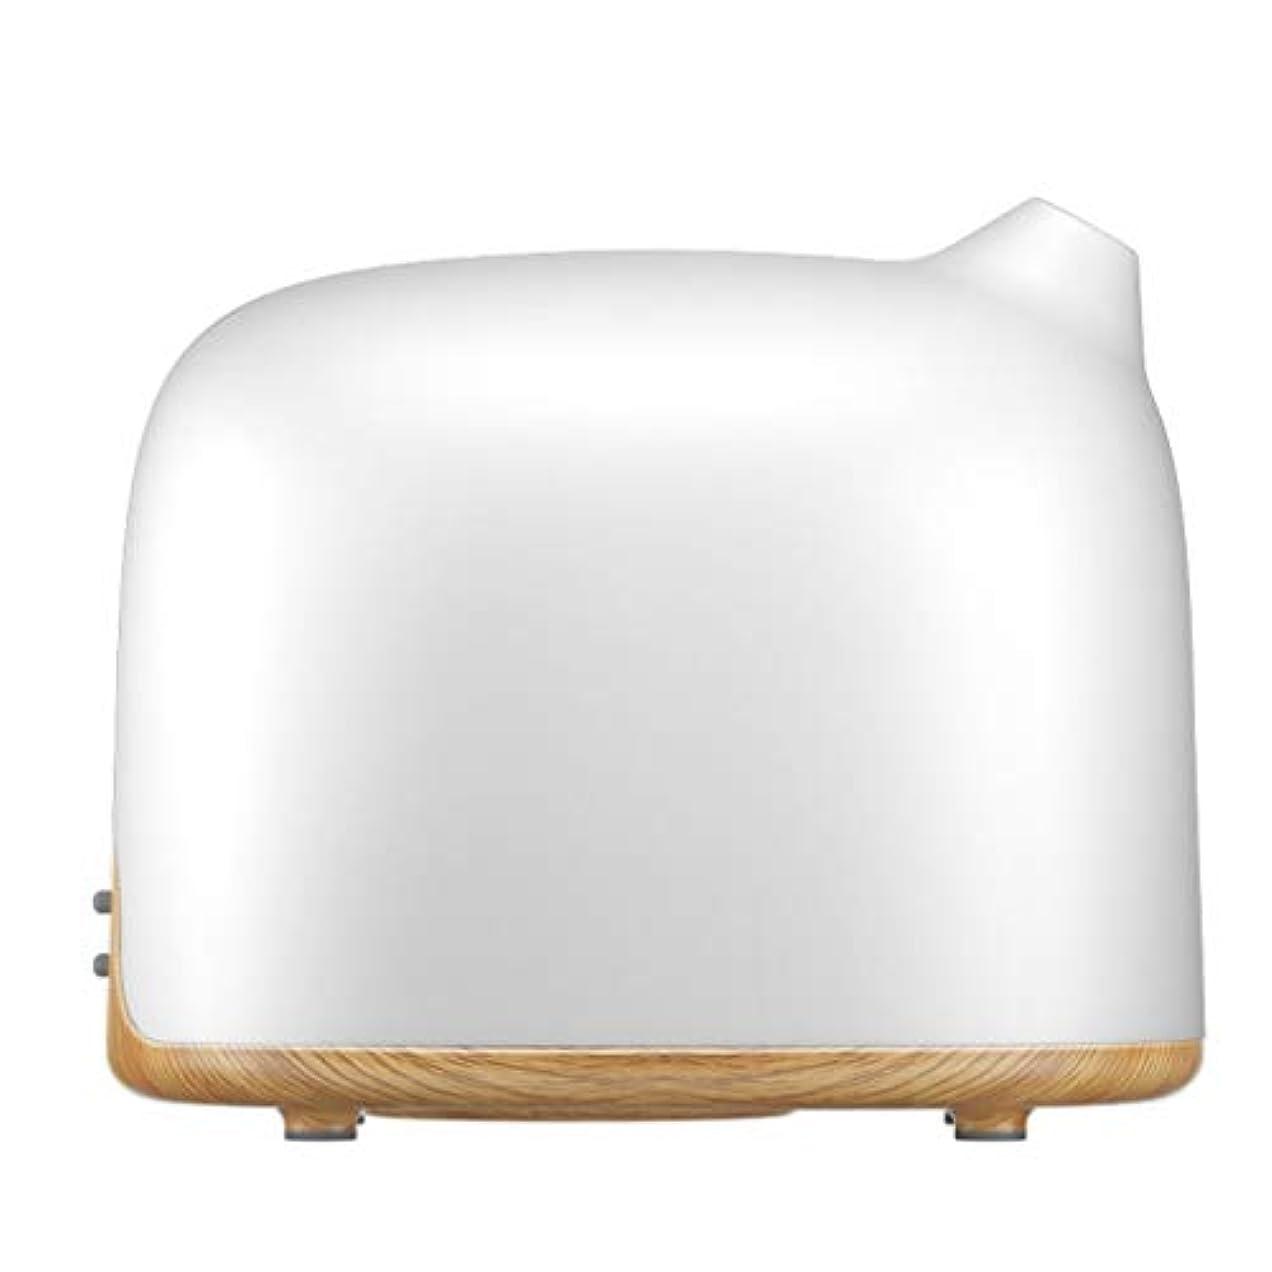 柔らかい発行弁護人空気加湿器ホームサイレント寝室妊娠中の女性ベビーエアフォグ大容量ディフューザー (Color : Natural)